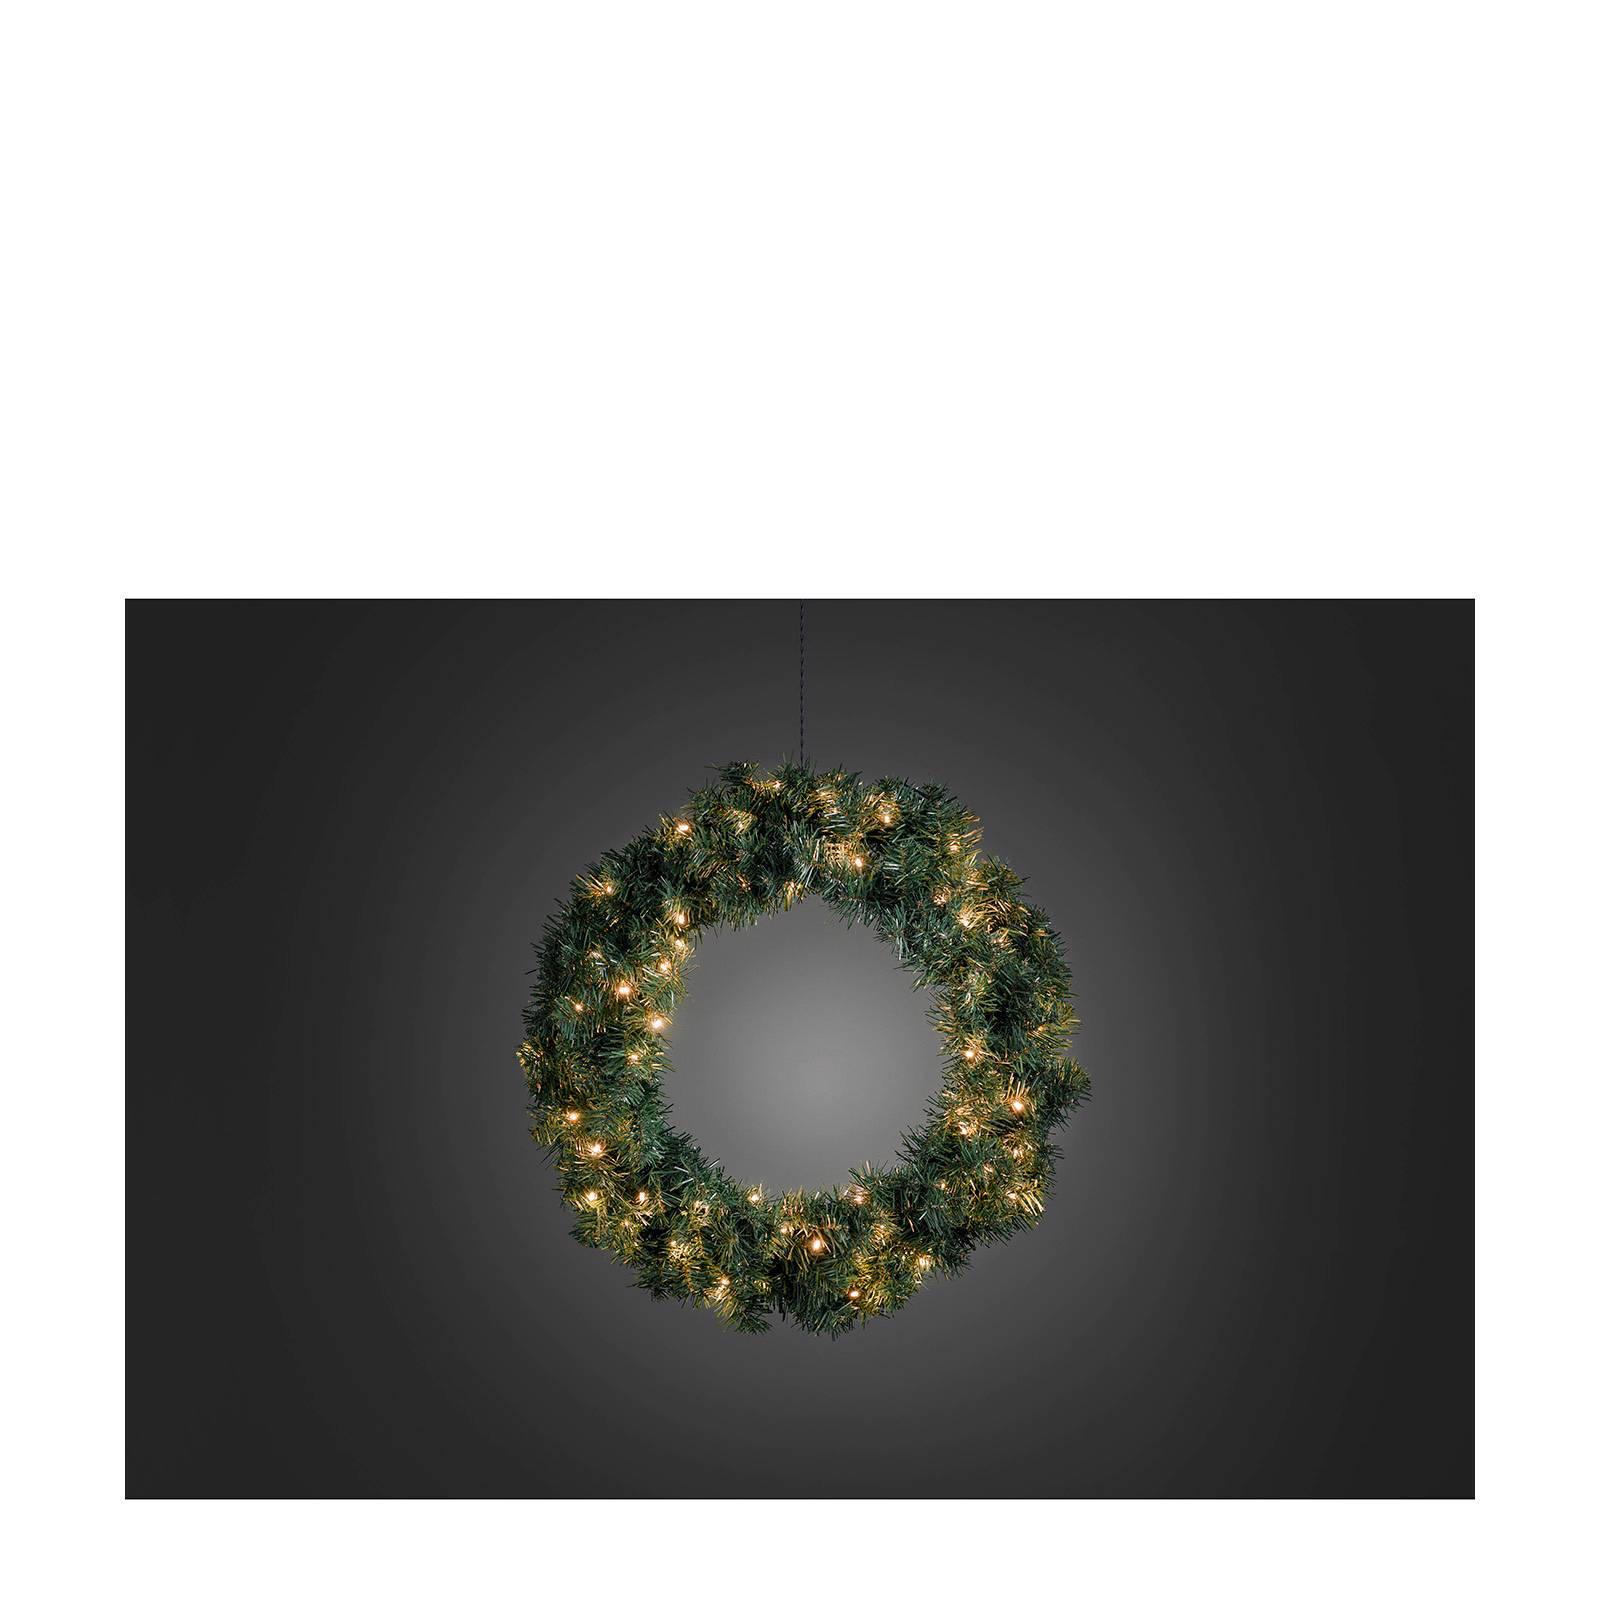 https://images.wehkamp.nl/i/wehkamp/282823_eb_02/konstsmide-kerstkrans-o60-cm-groen-7318302755805.jpg